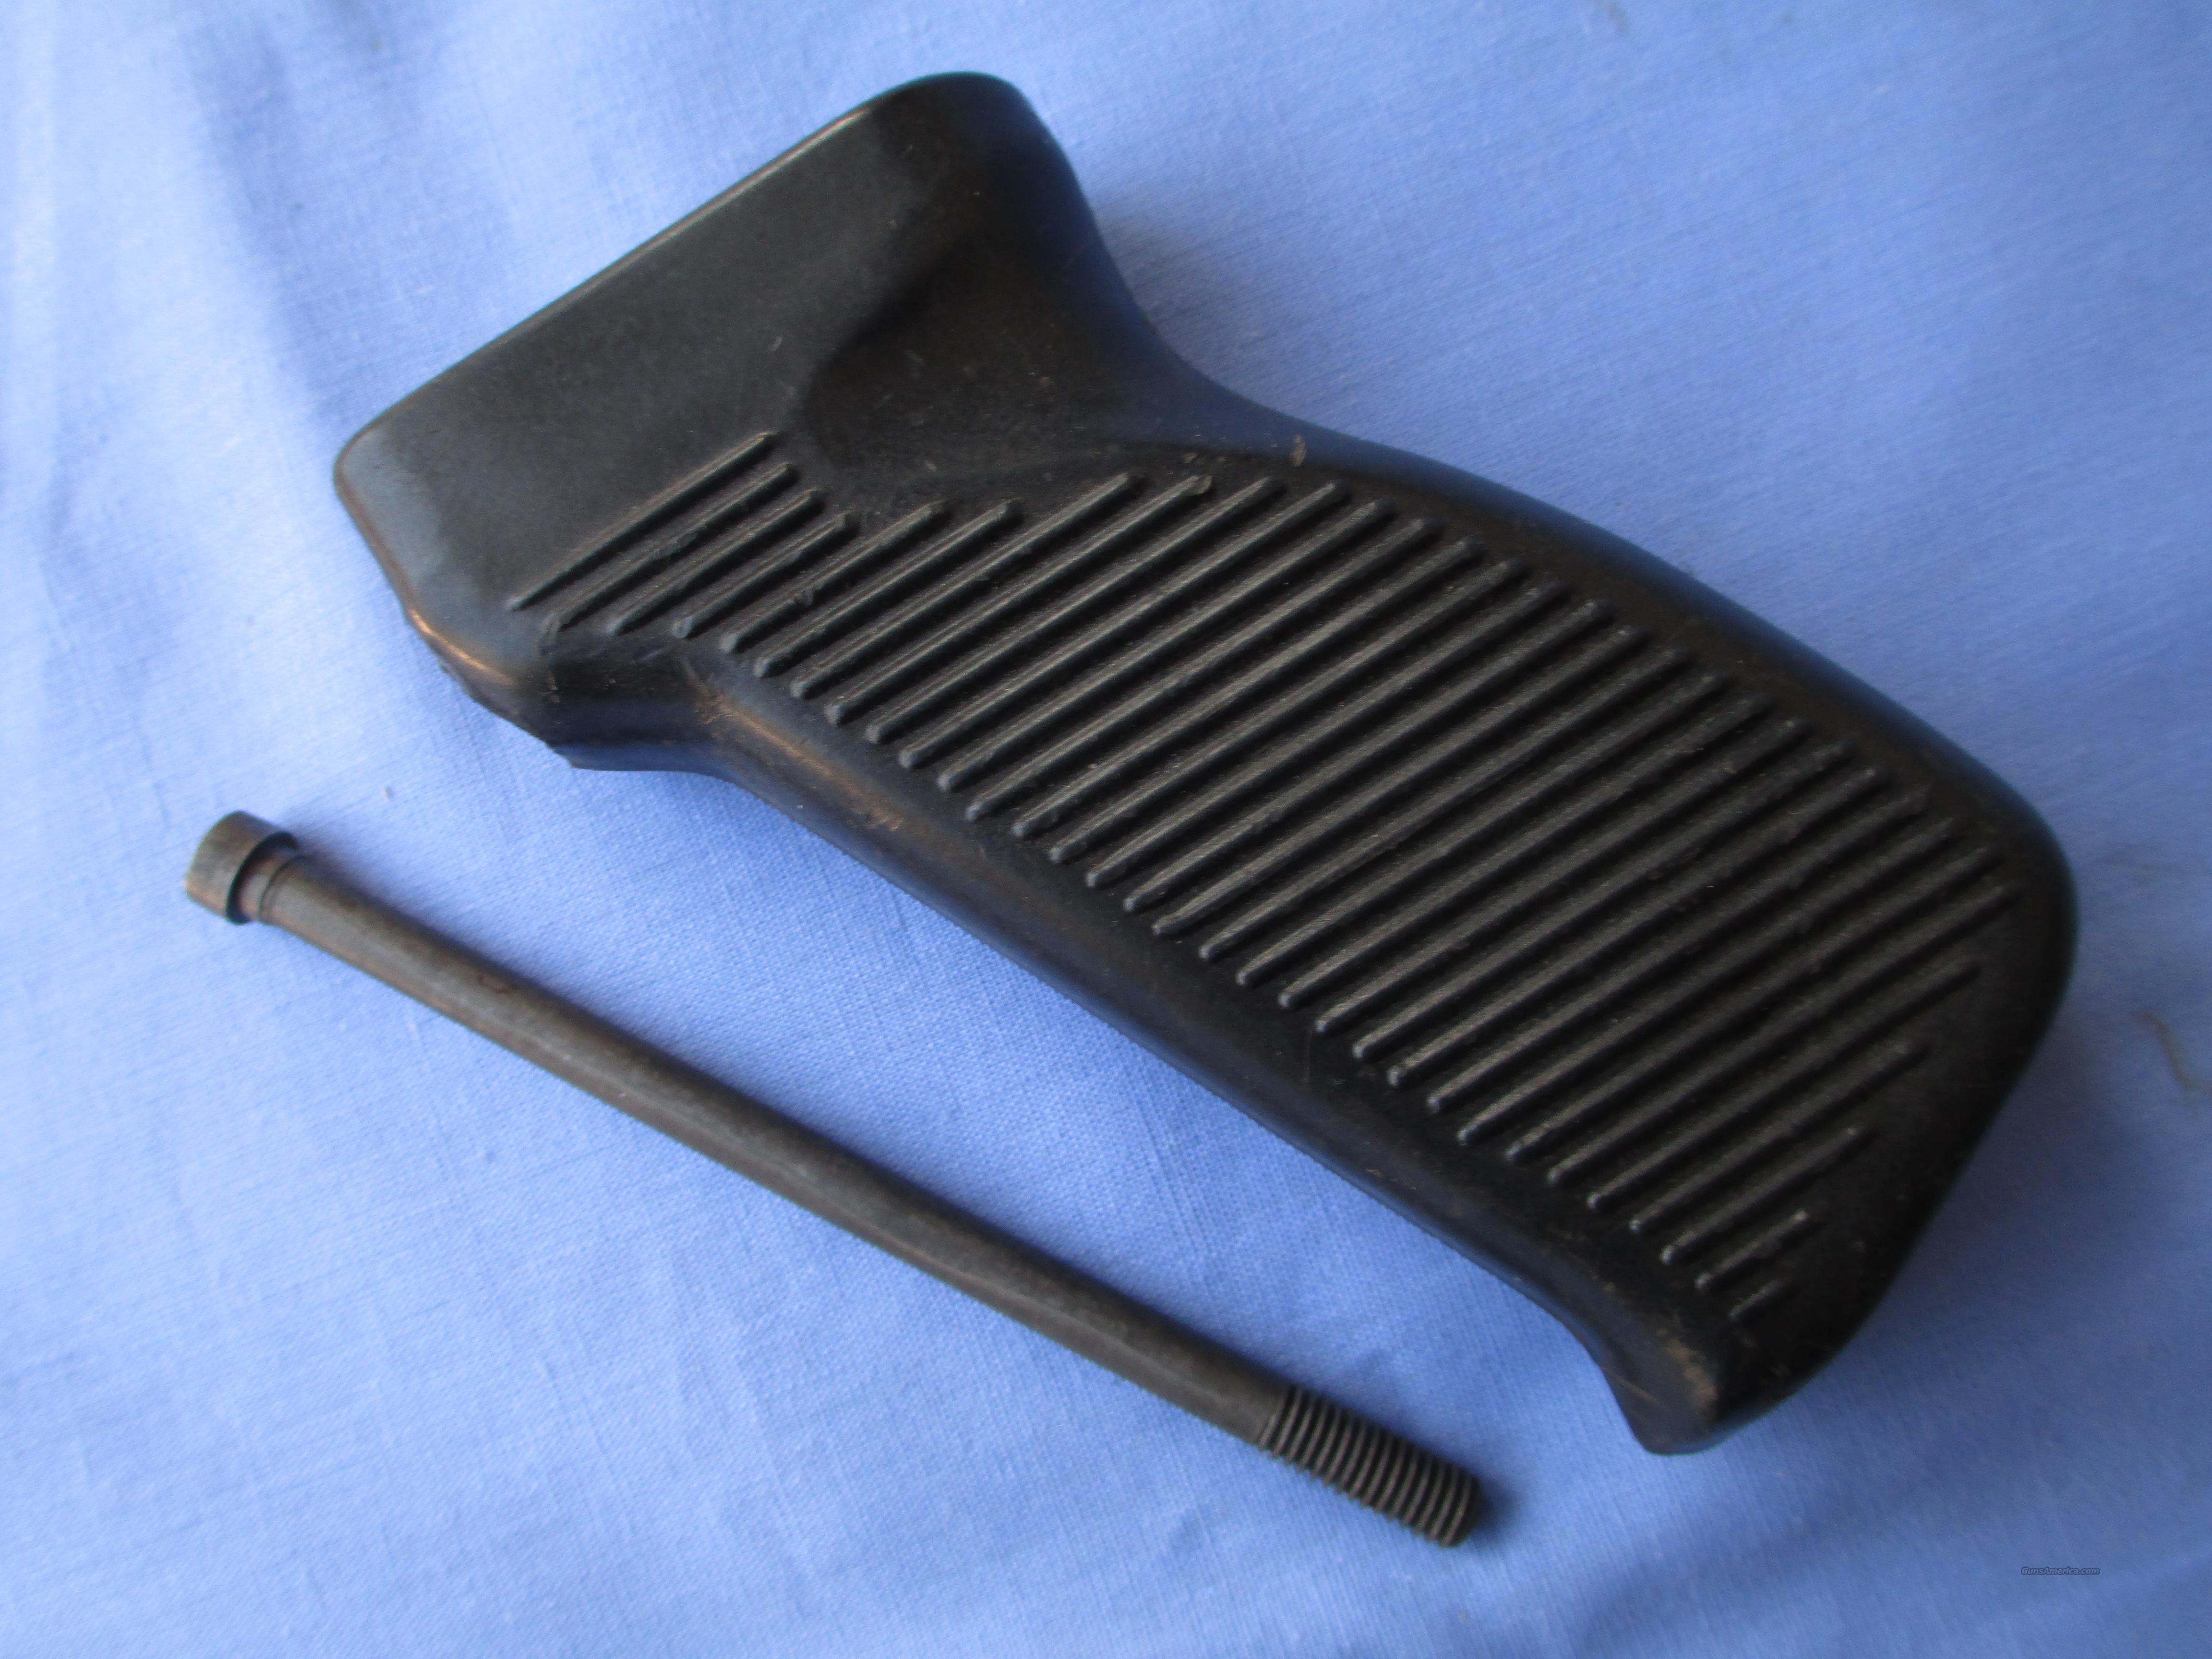 M70 Yugoslavian Pistol Grip & Pistol Grip BOLT  Non-Guns > Gun Parts > Military - Foreign